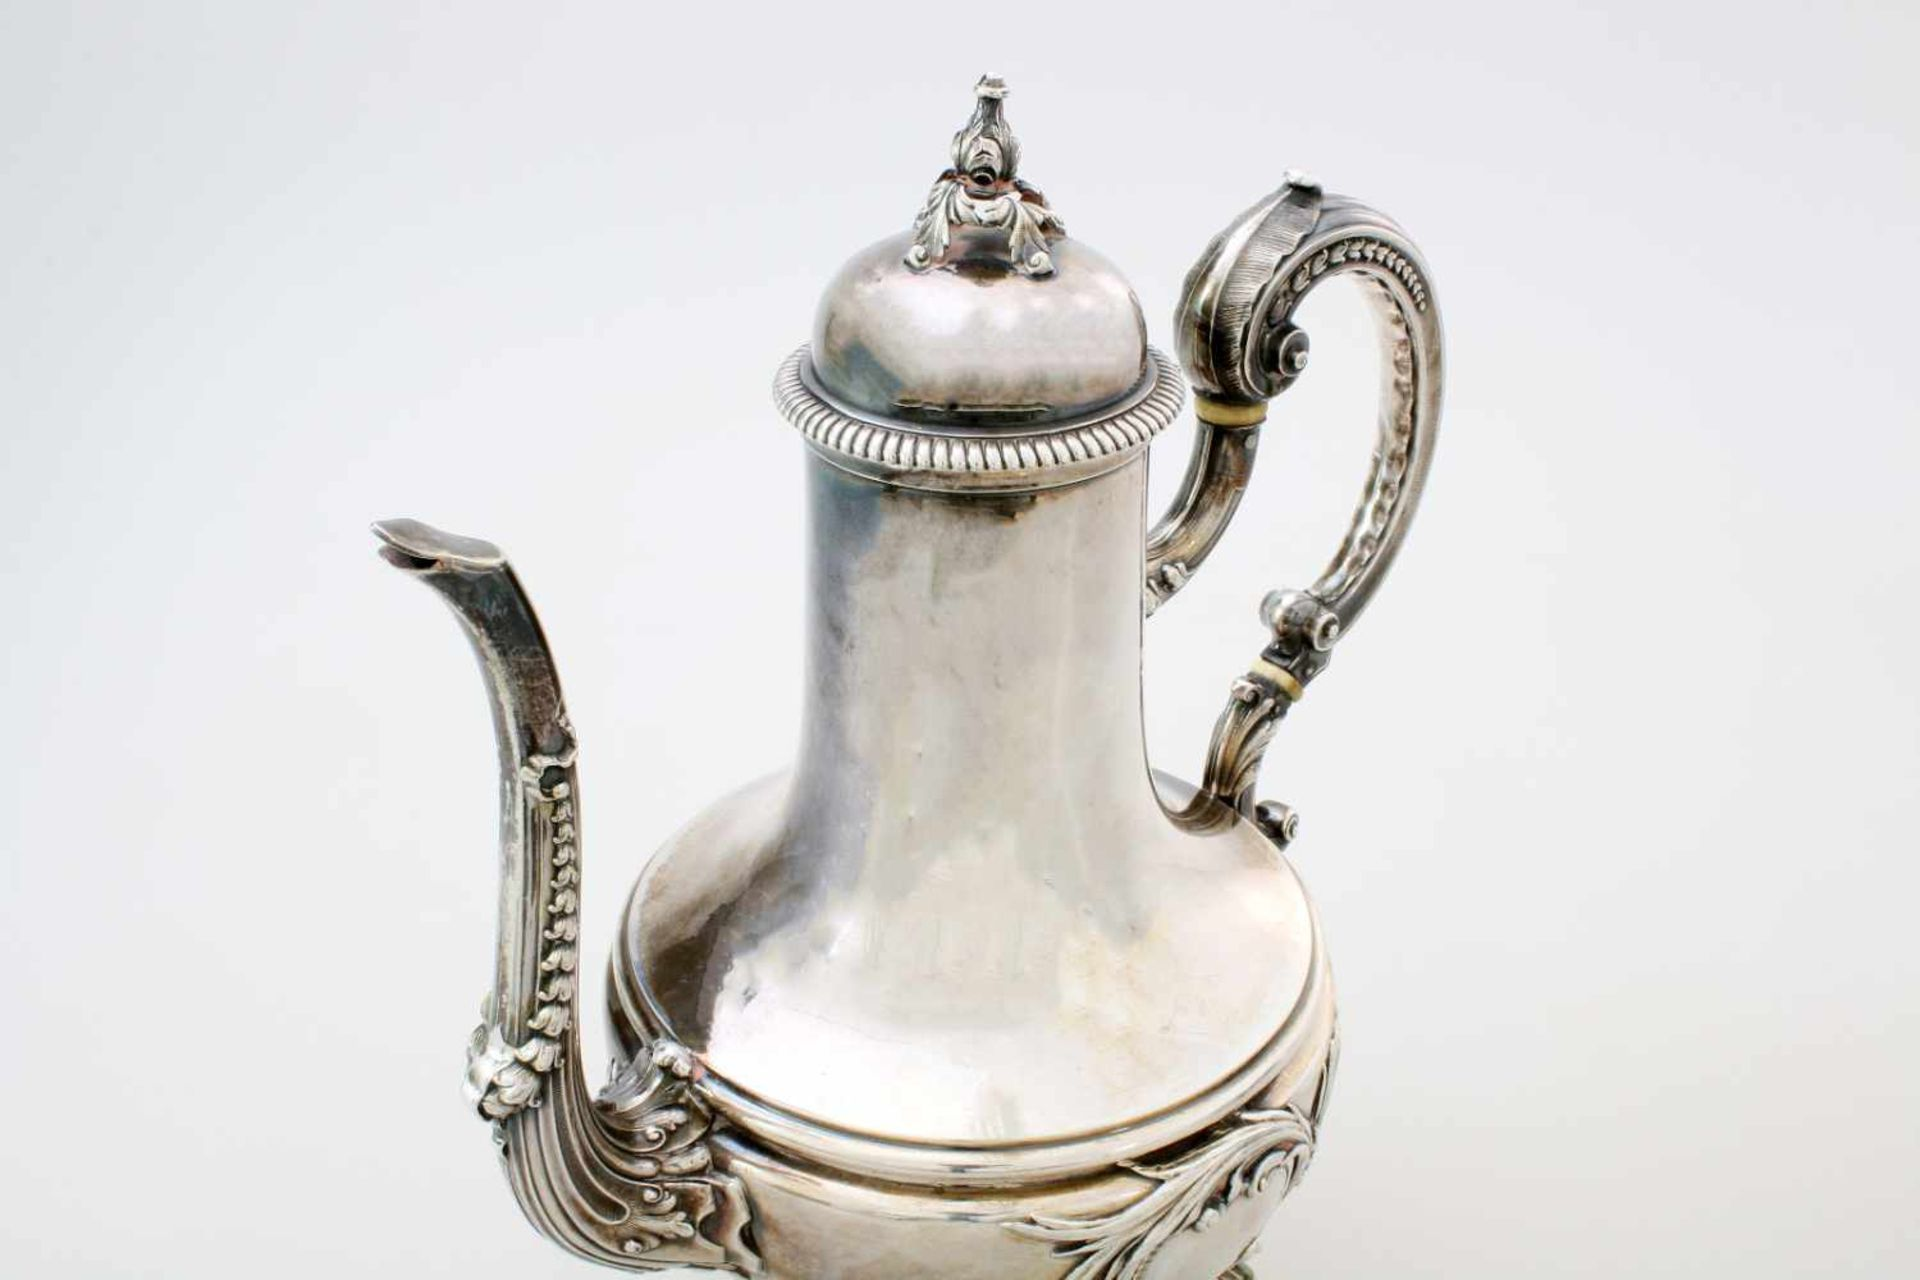 Silberne Kaffeekanne - Flamand & Fils, Frankreich nach 1838Silberne Garantie- und Feingehaltspunze - Bild 3 aus 4